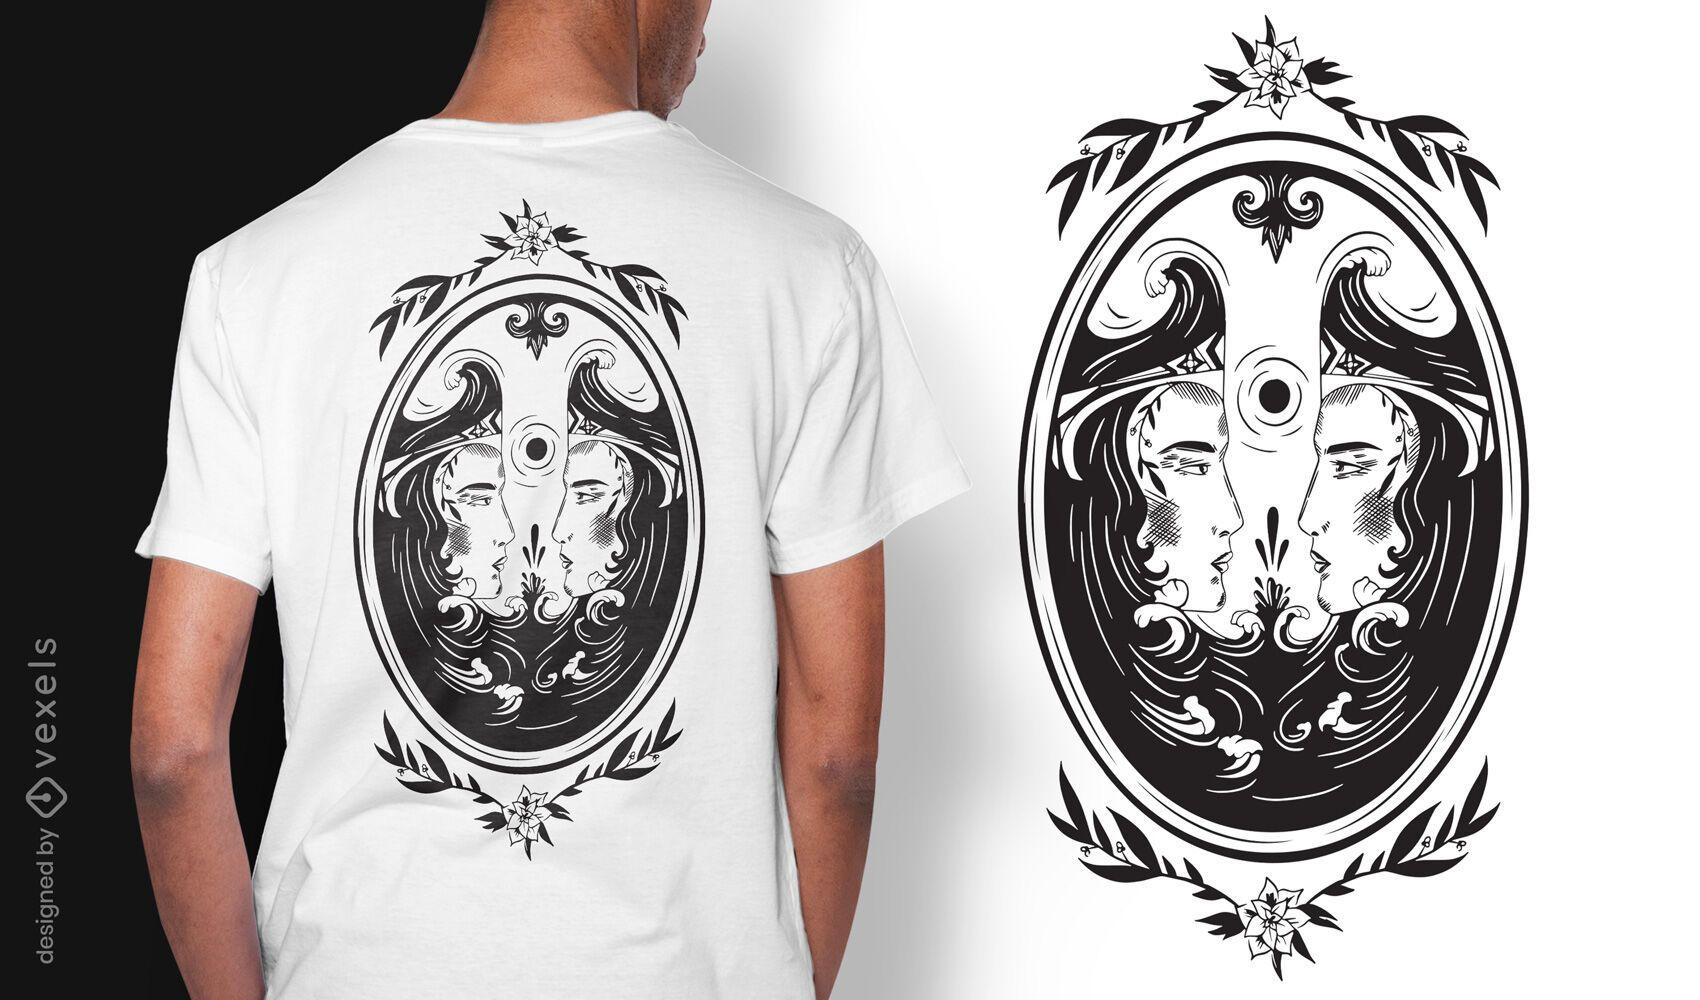 Doubles mirror dark art nouveau t-shirt design